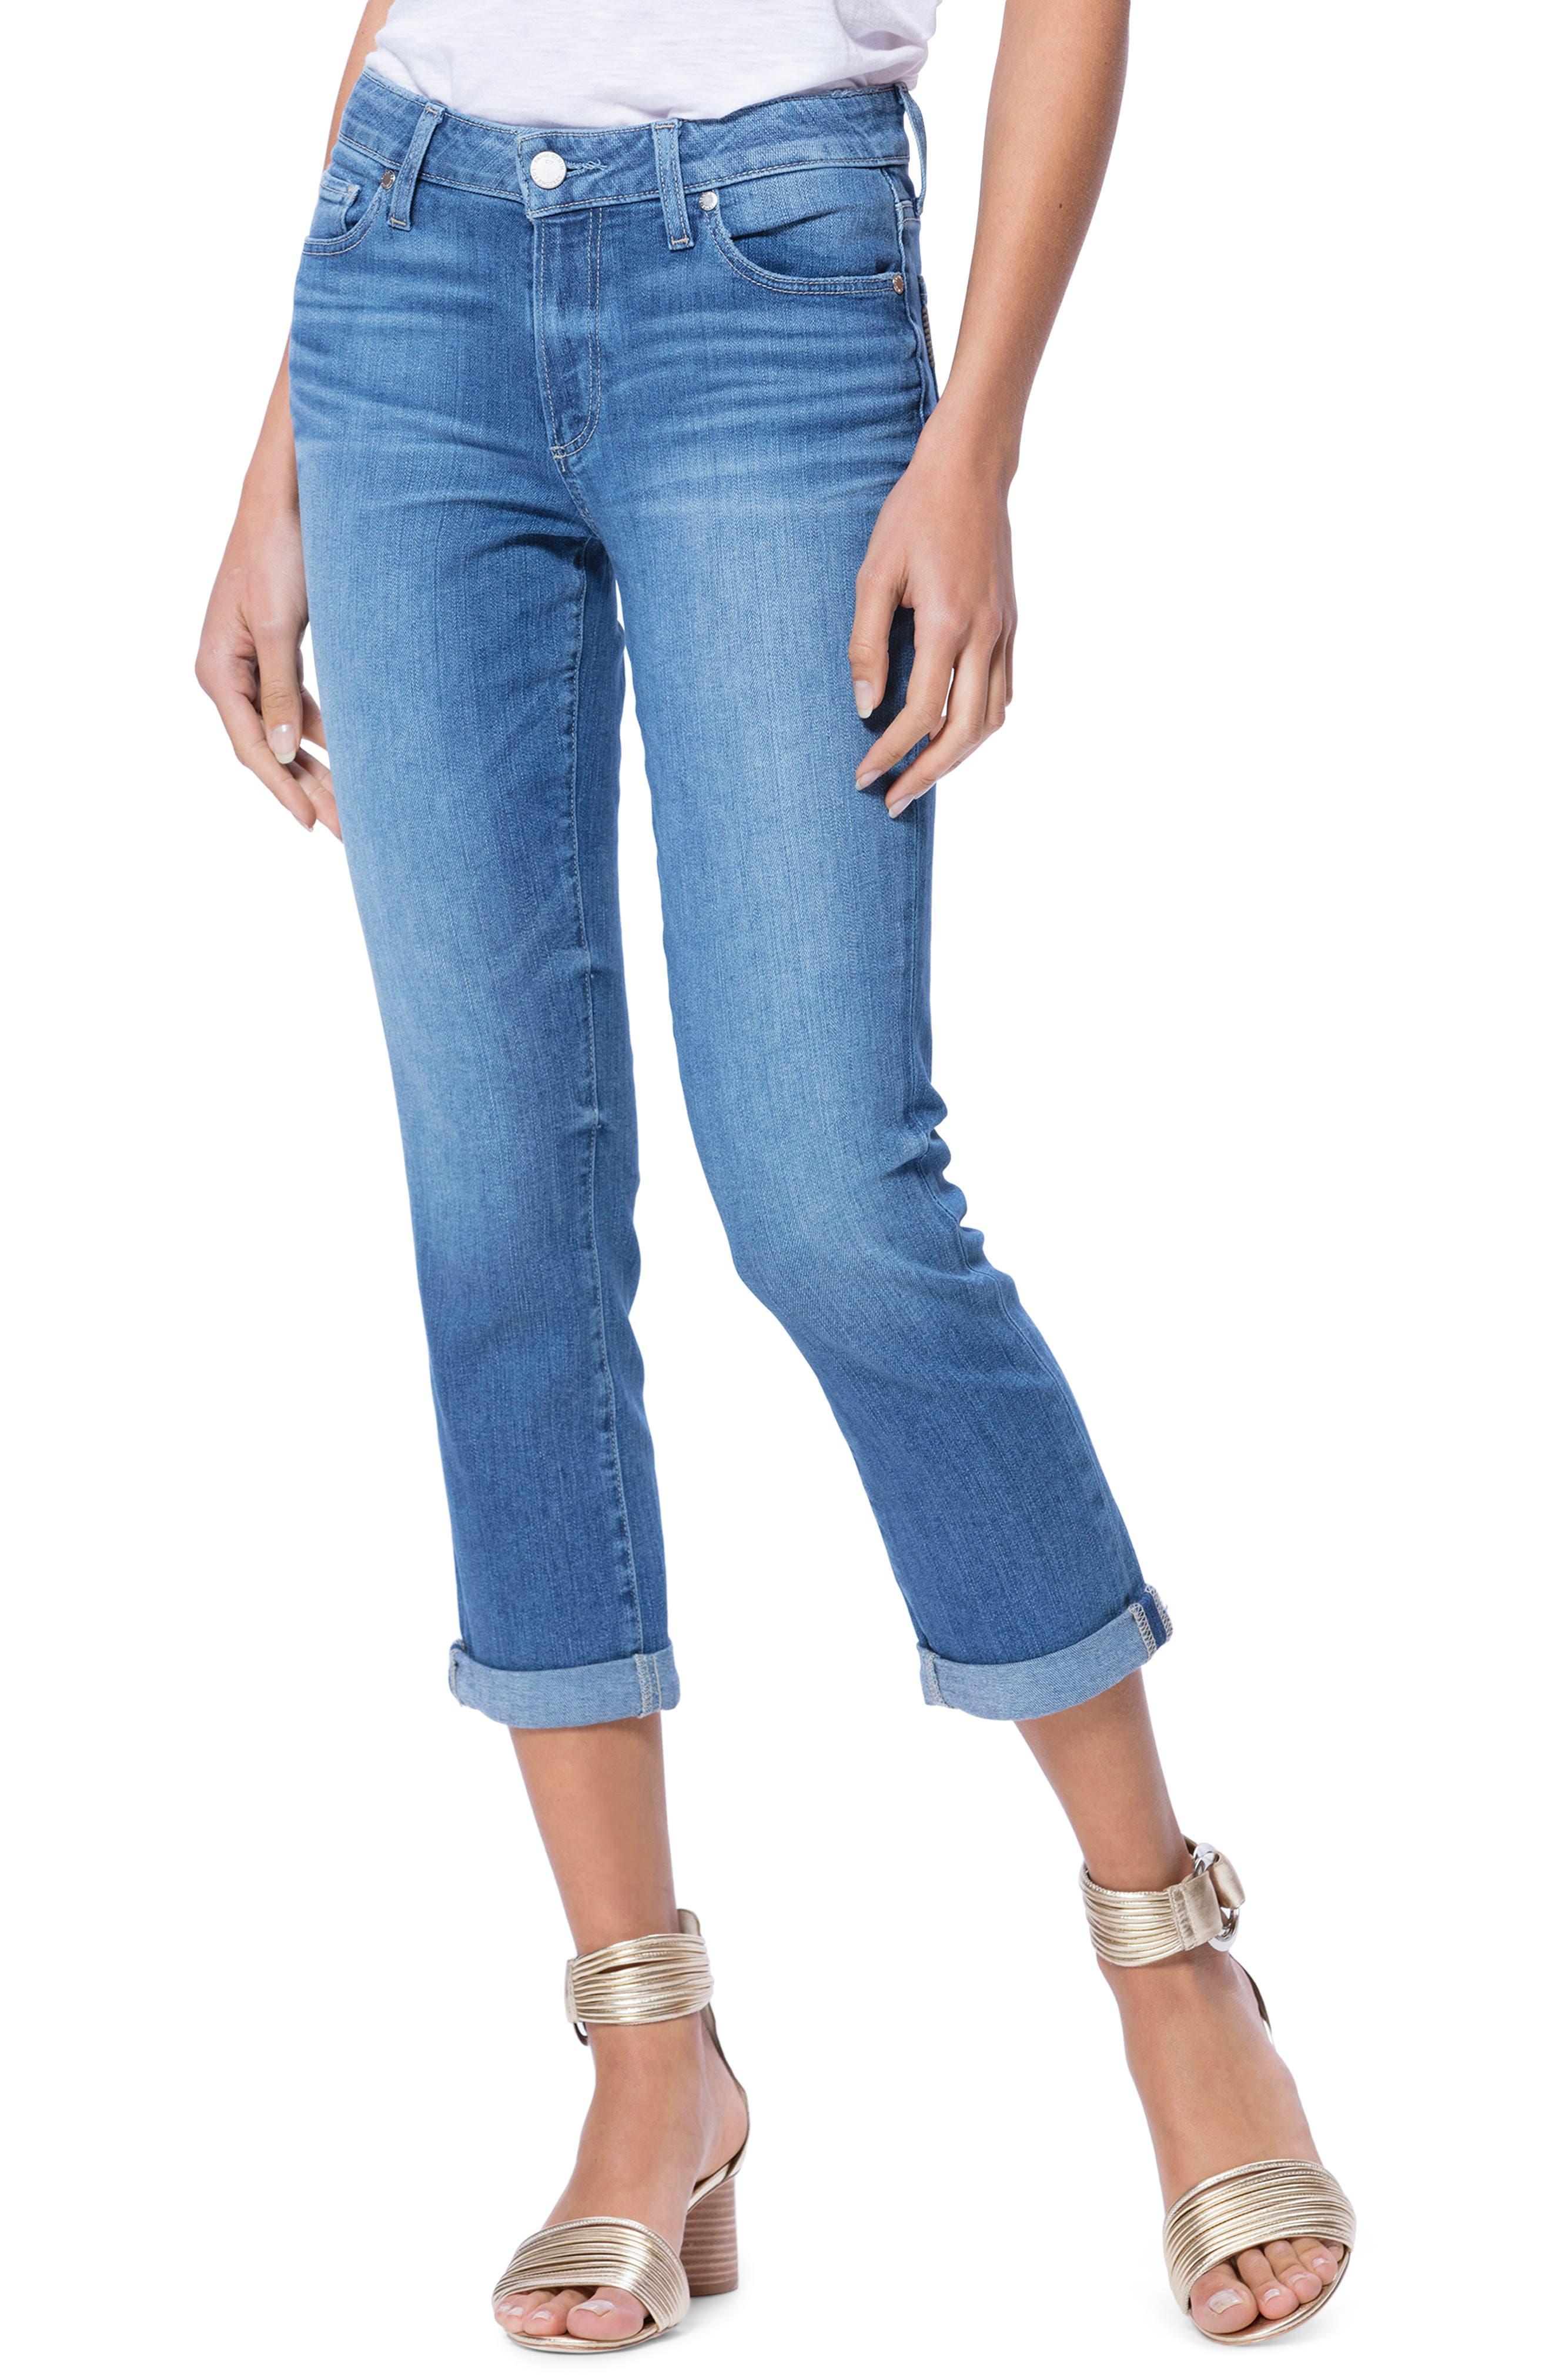 9dbe5c4c0f7 Paige Transcend Vintage - Brigitte High Waist Crop Boyfriend Jeans, 3 - Blue